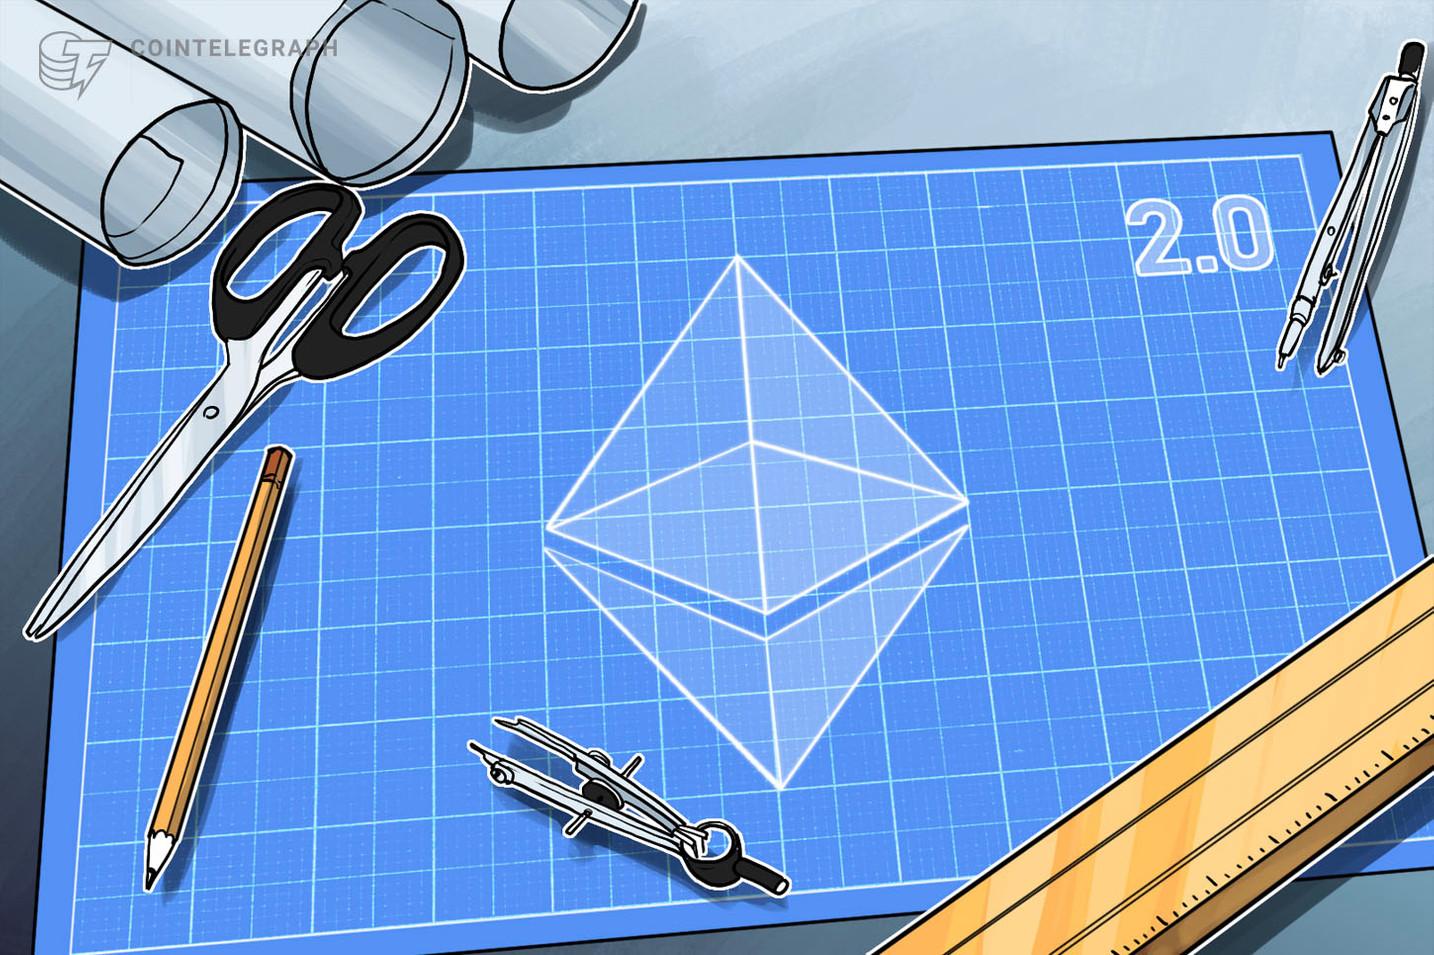 La Beacon Chain de Ethereum 2.0 puede acelerar la adopción de la tecnología Blockchain a nivel empresarial